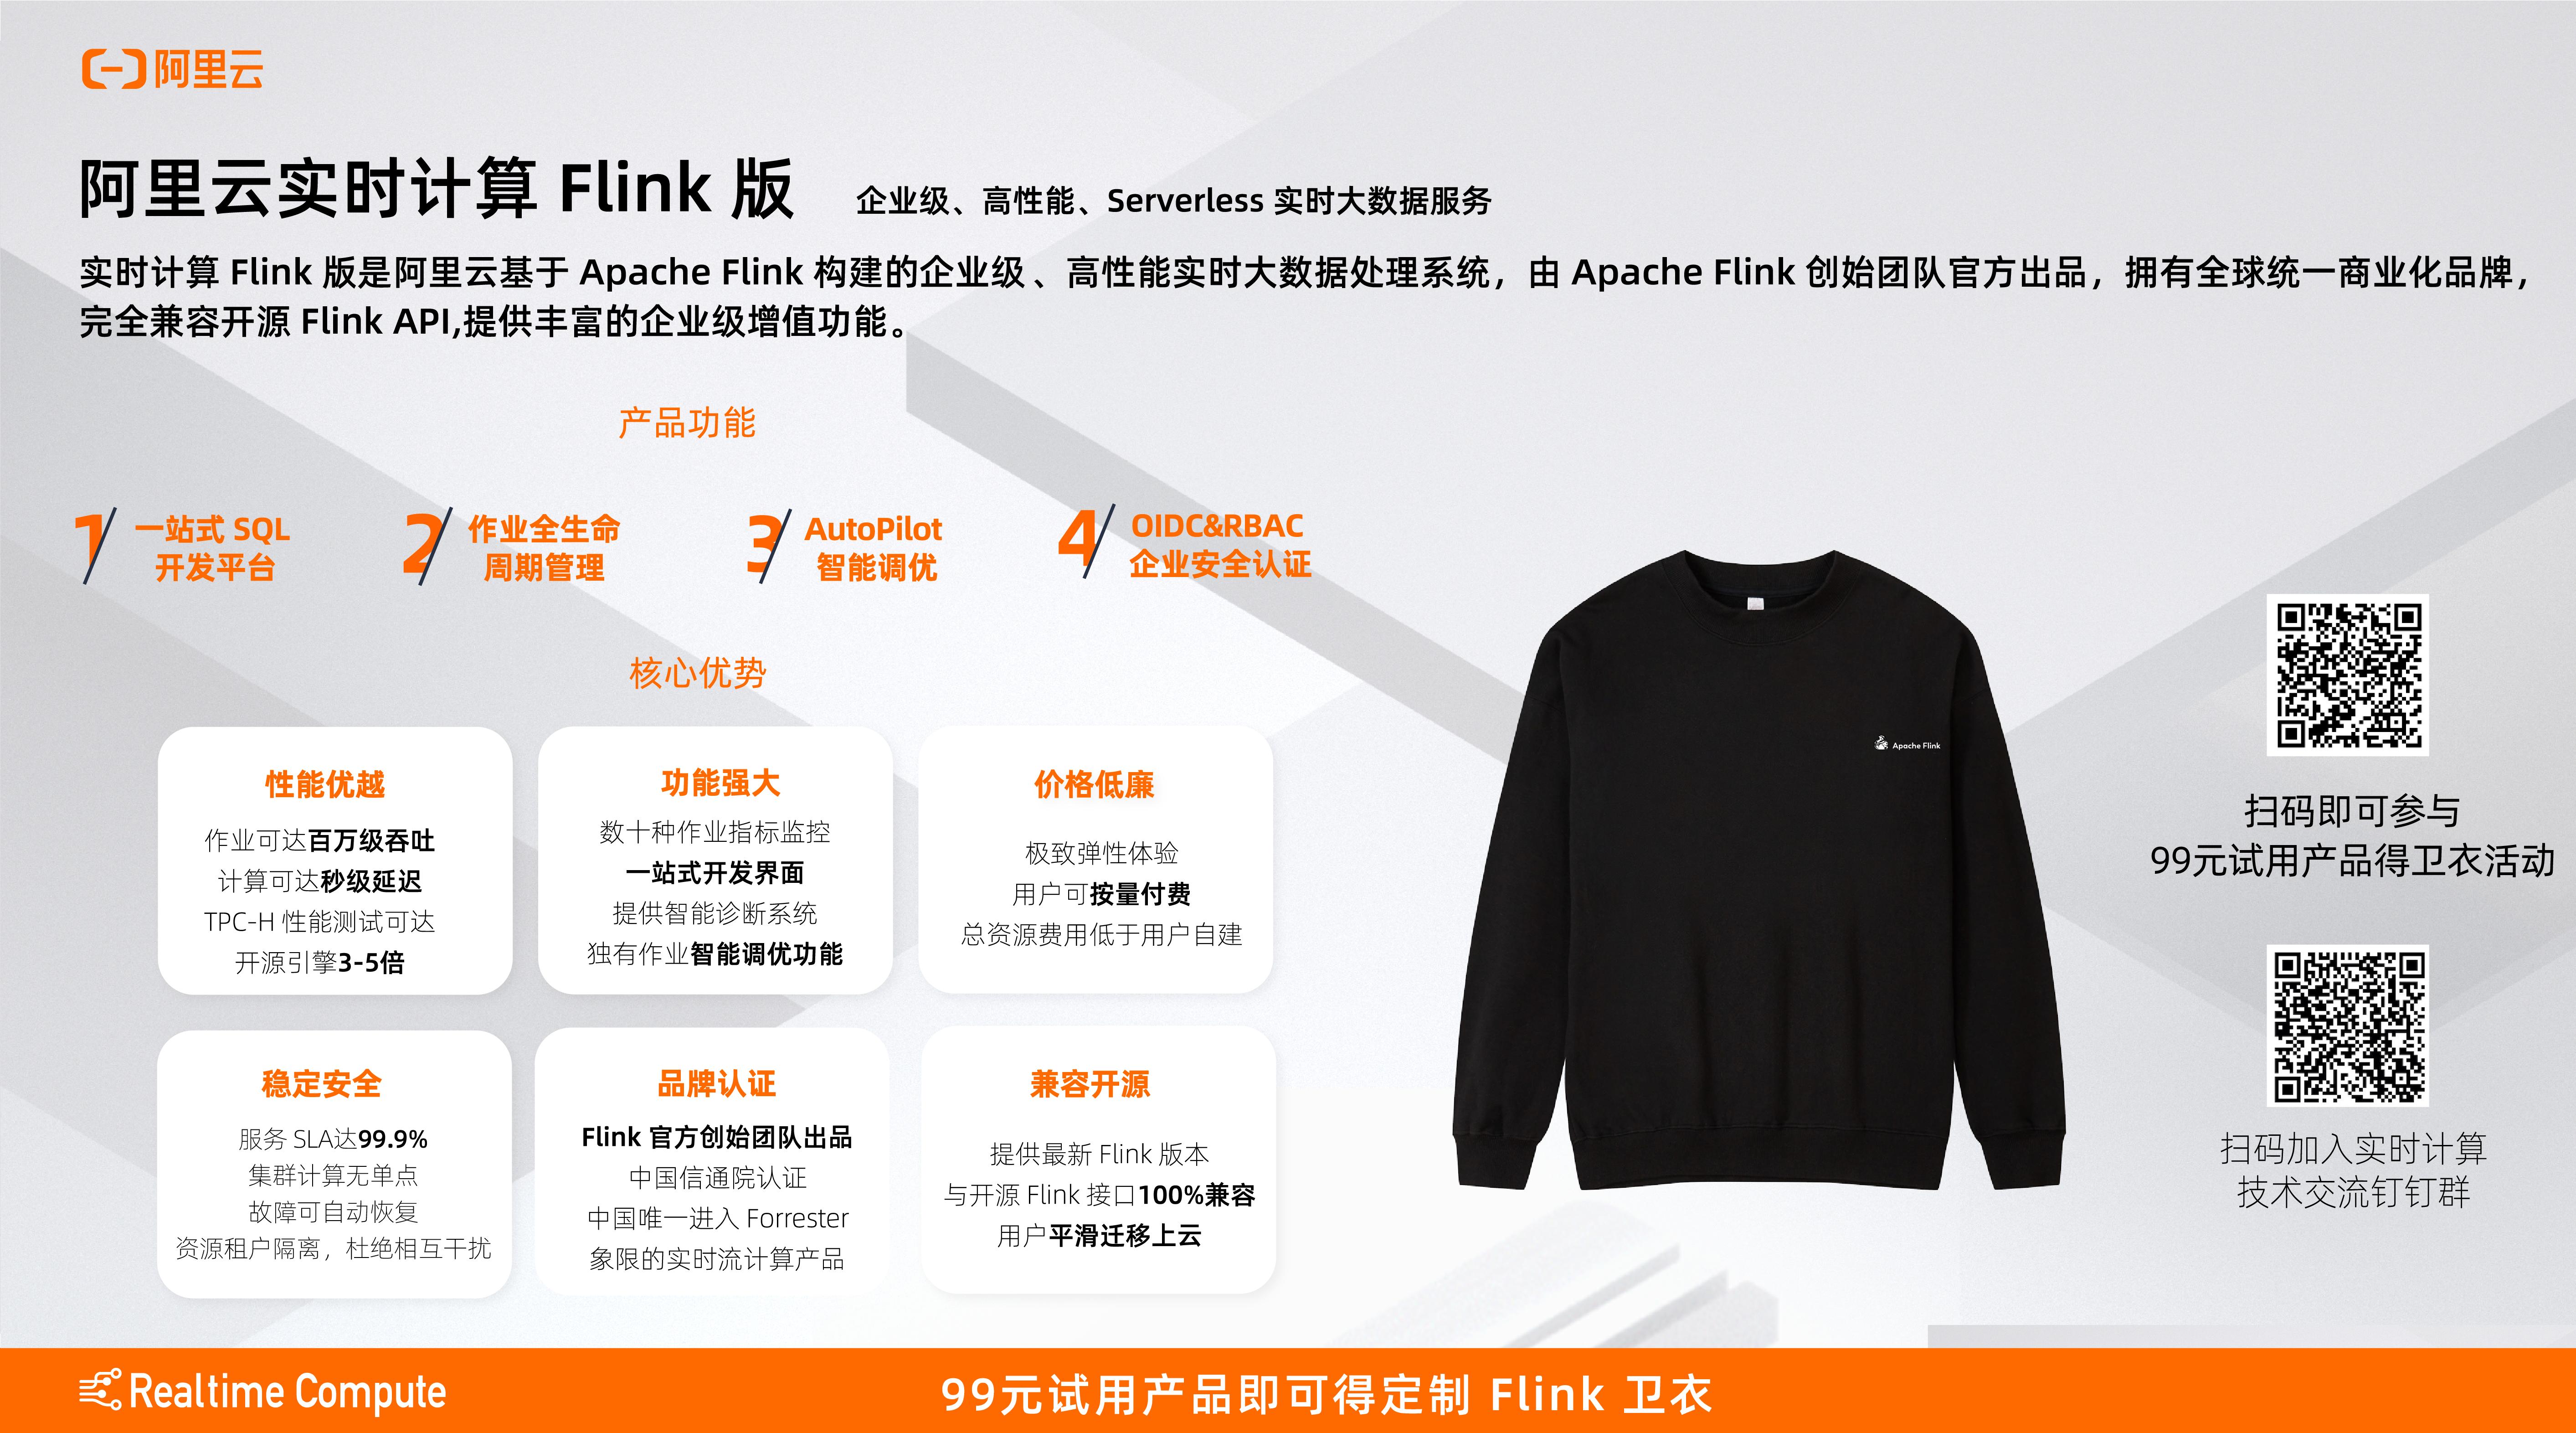 实时计算flink版99元拉新-02.png